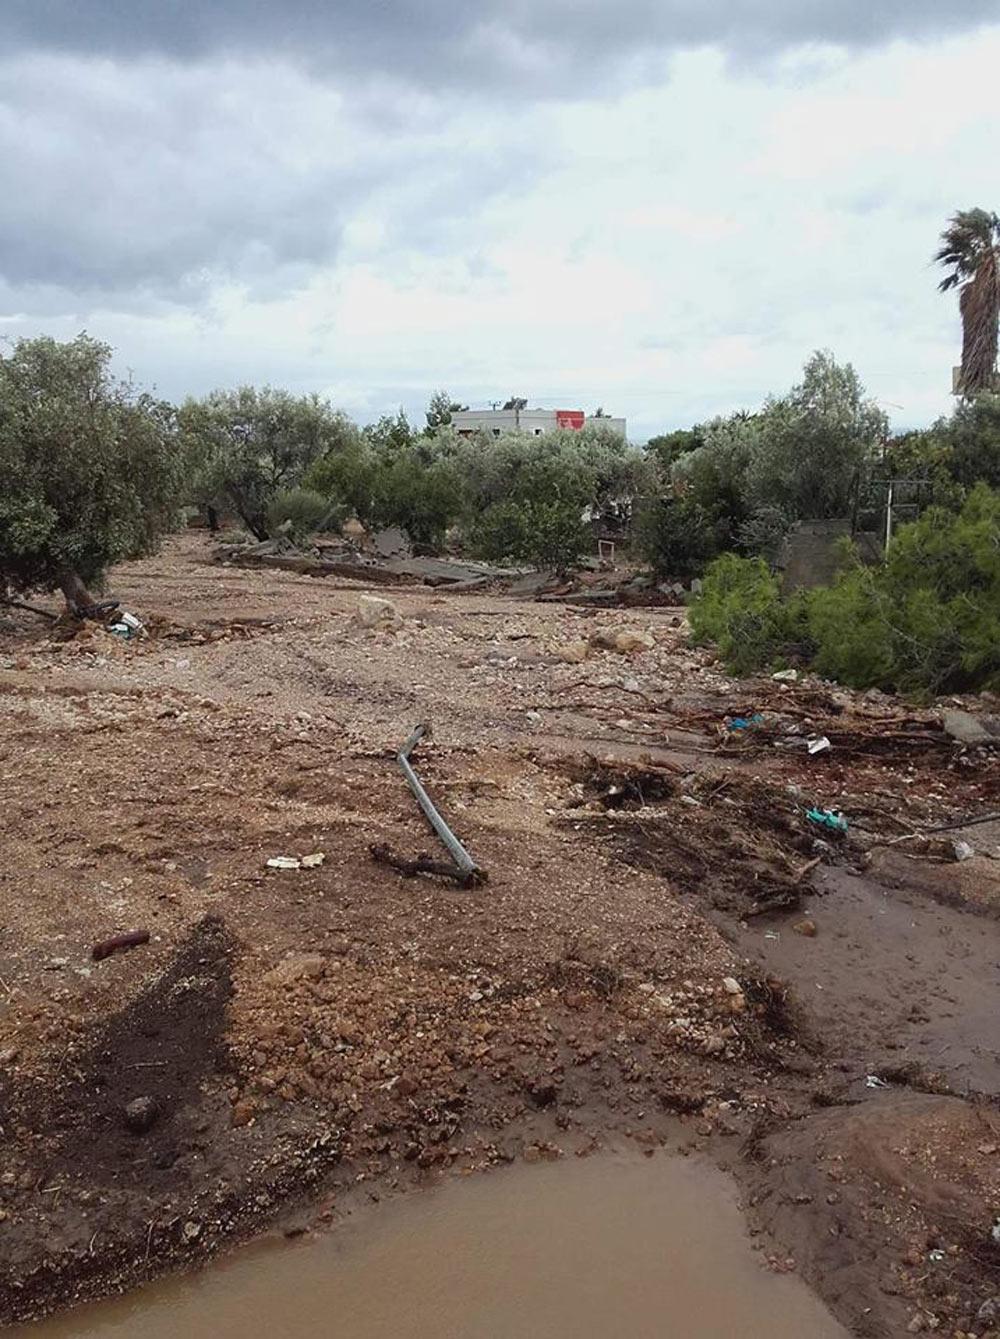 Δηλώσεις ζημιών από τις πλημμύρες για παραγωγούς